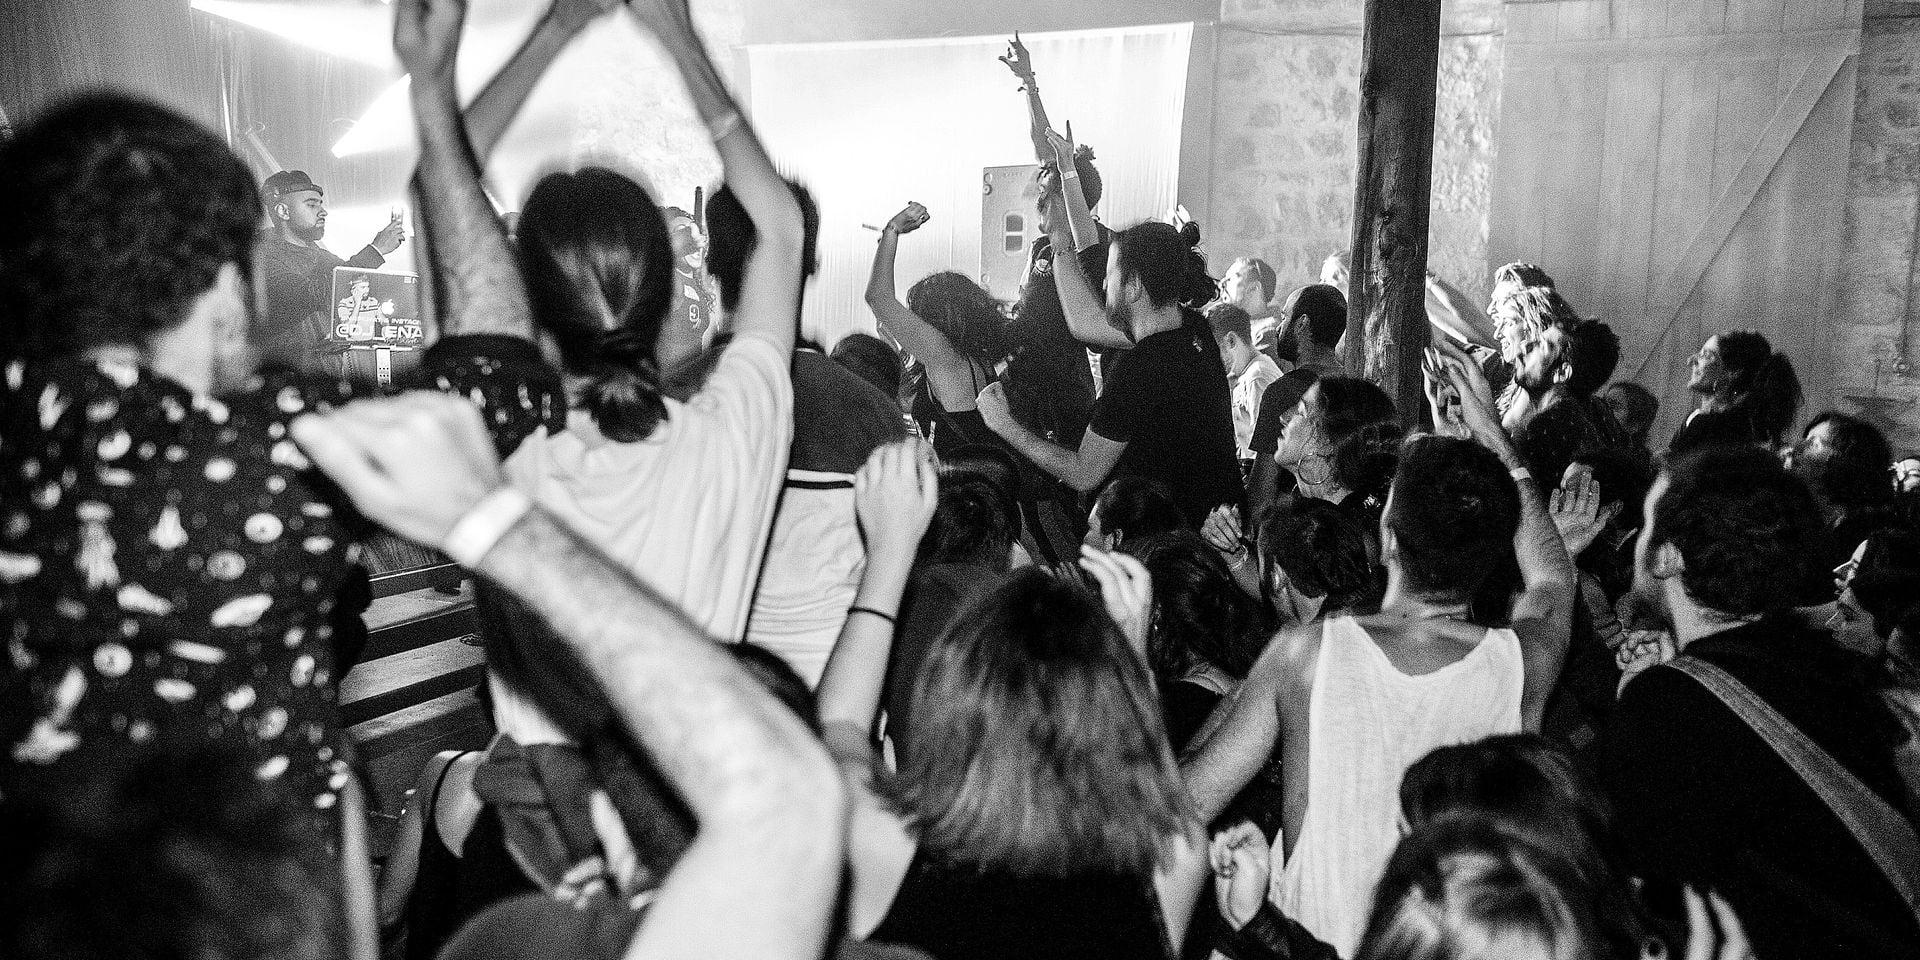 La crise n'est pas partie, mais les Grecs dansent